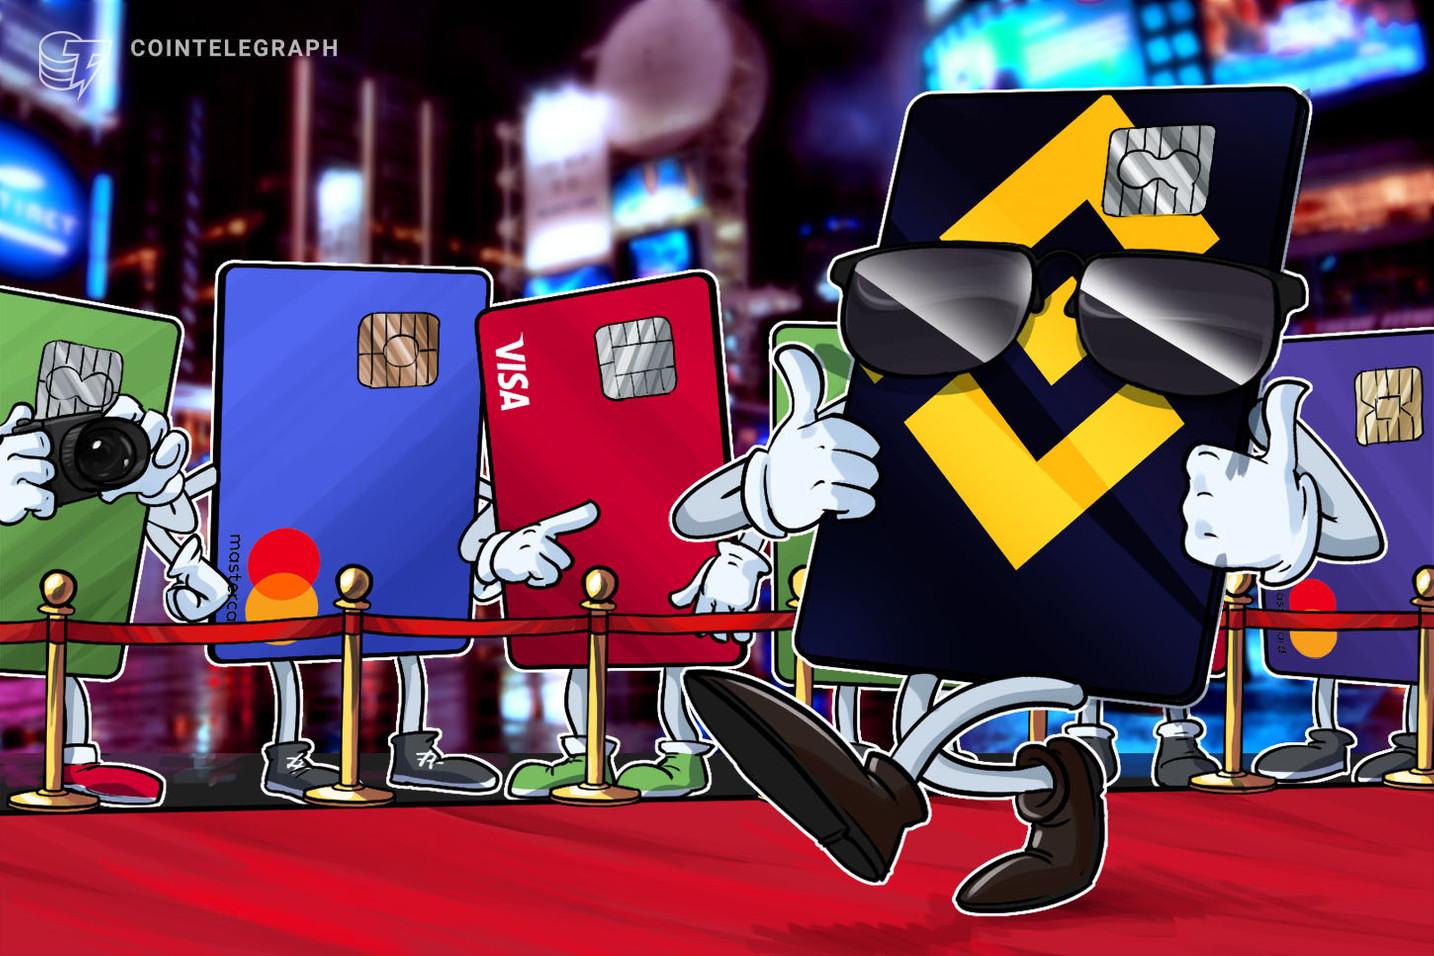 بطاقة باينانس ستتوسع قريبًا في الولايات المتحدة مع تأمين سوايب لشراكةٍ جديدة